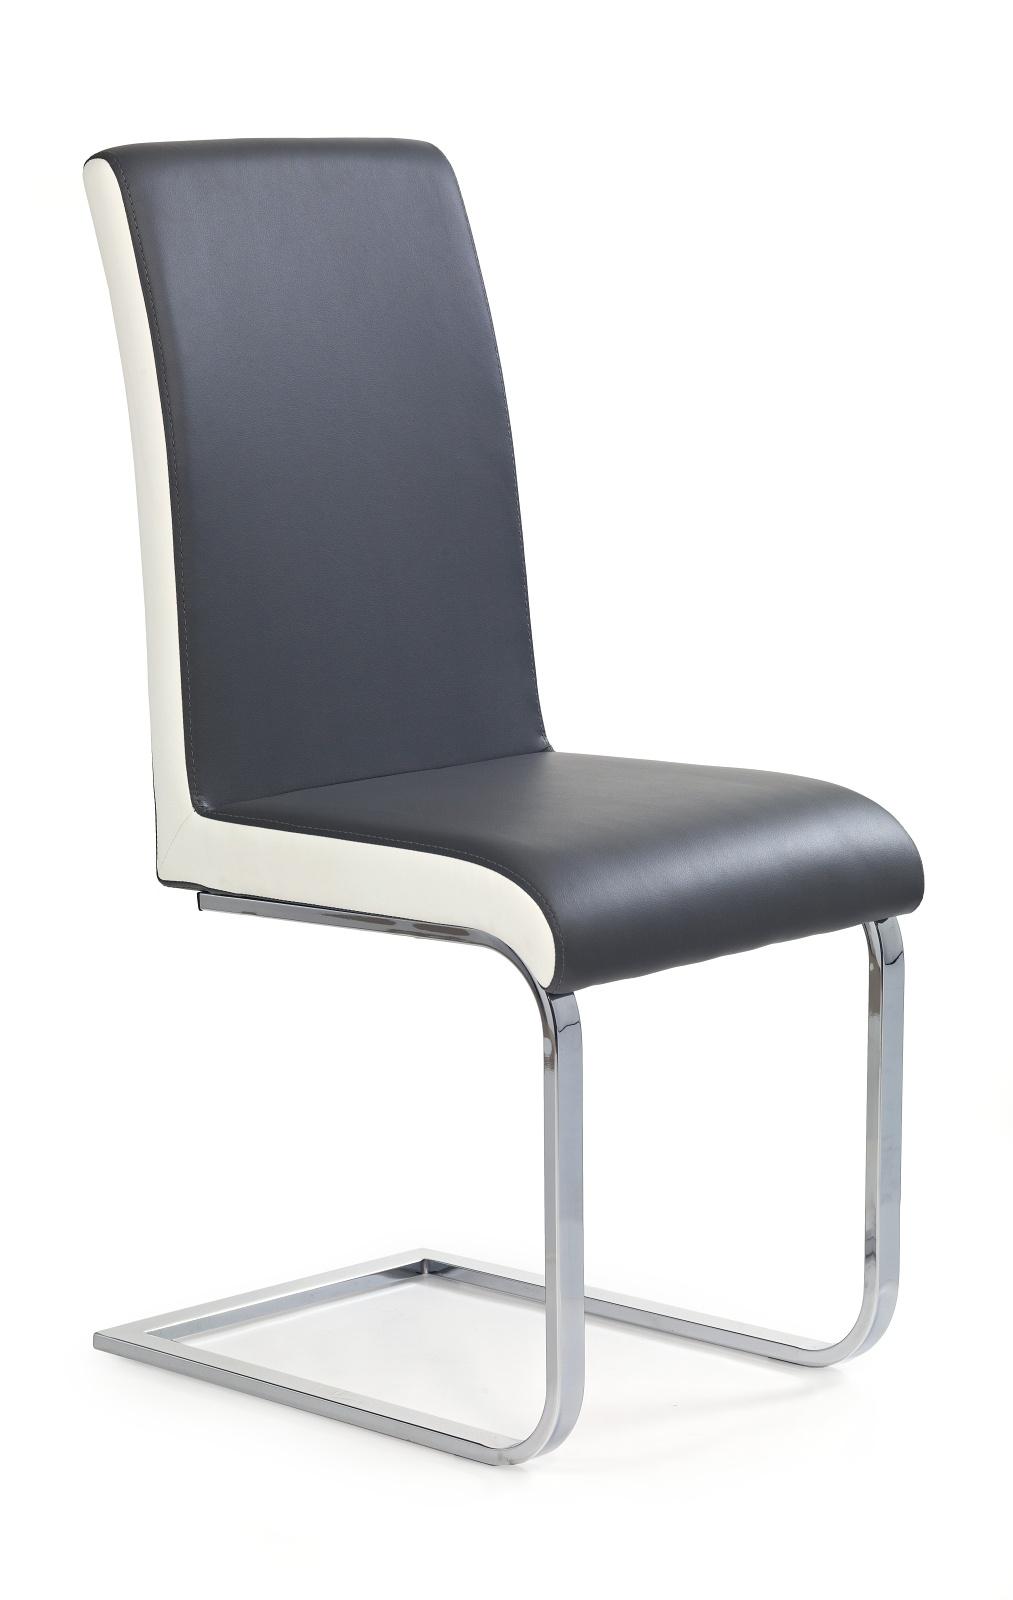 Jídelní židle - Halmar - K103 šedá + bílá